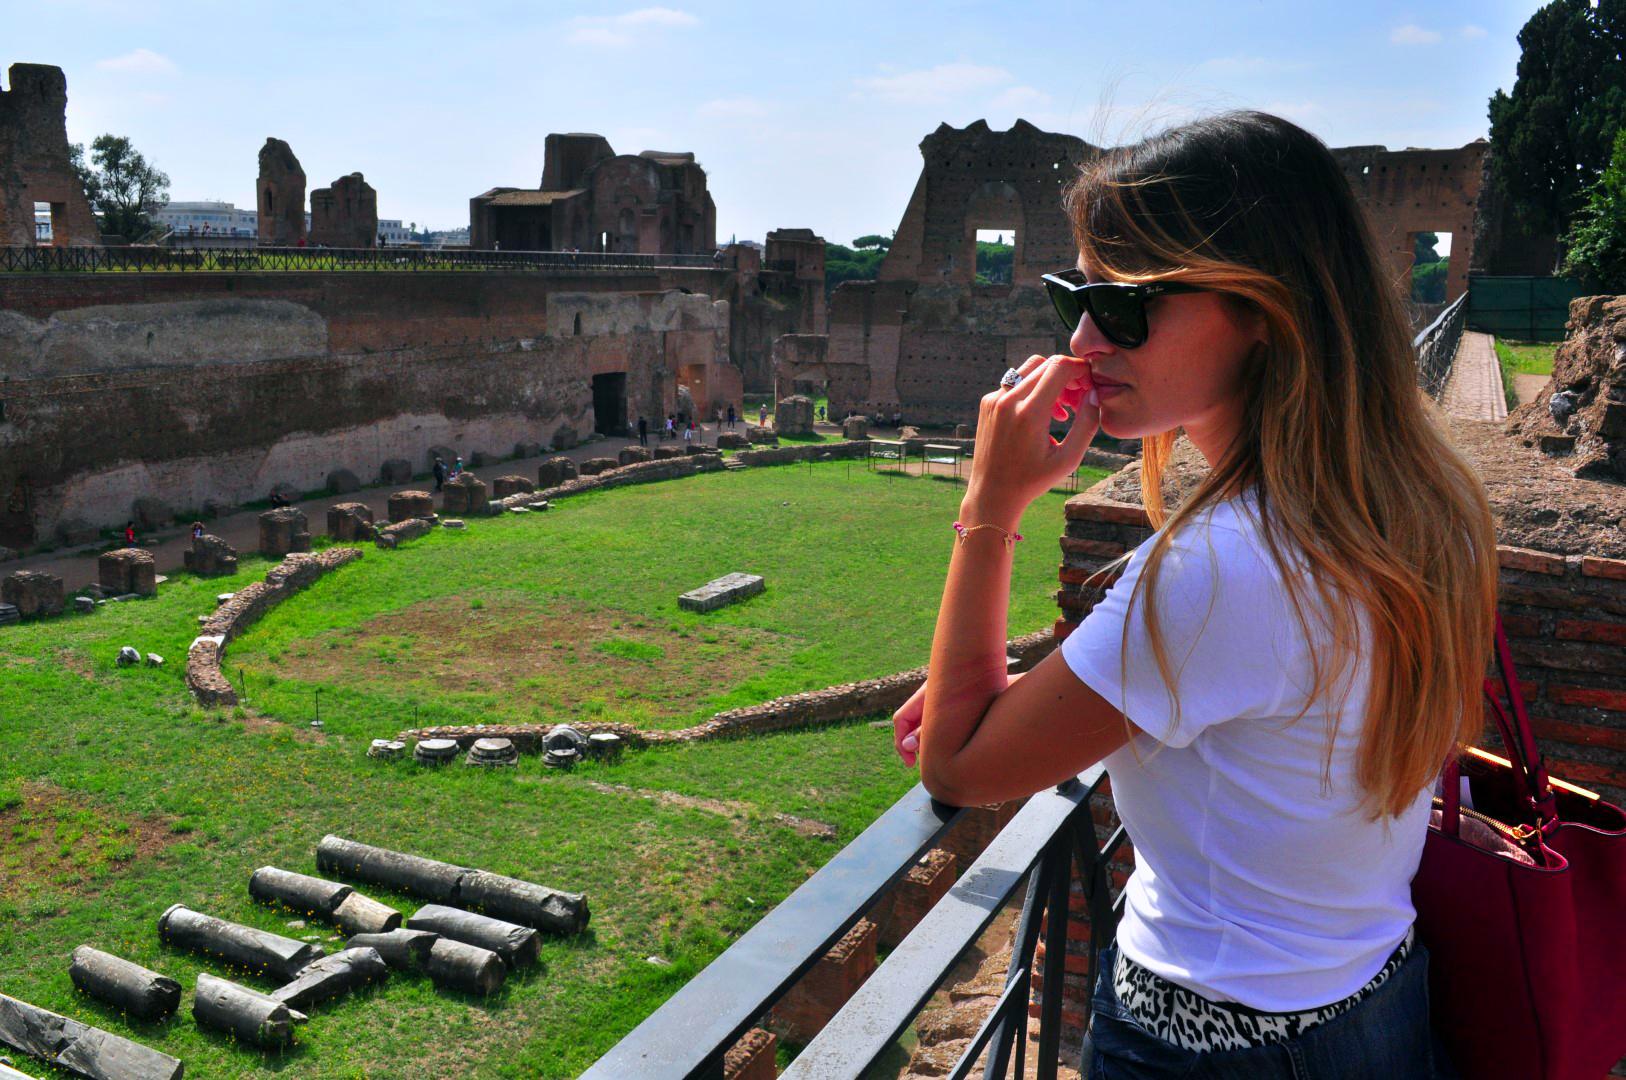 Qué ver en Roma, Italia roma - 29867382581 2d7b13590e o - 21+1 Cosas que NO hacer en Roma, Italia